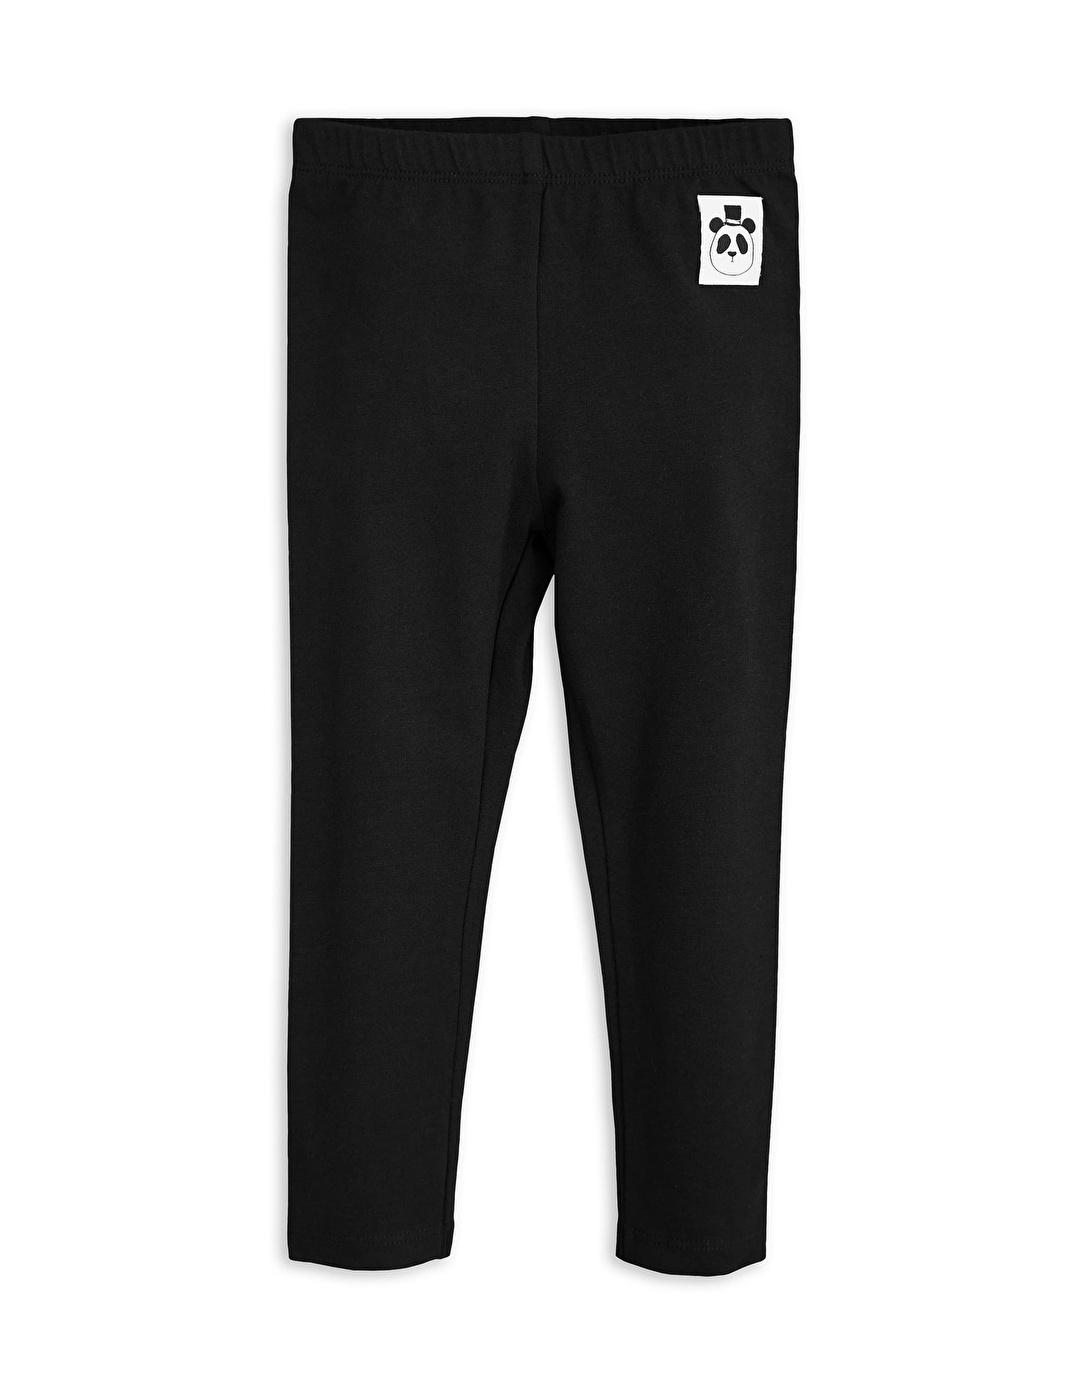 1773015799 1 mini rodini basic leggings black